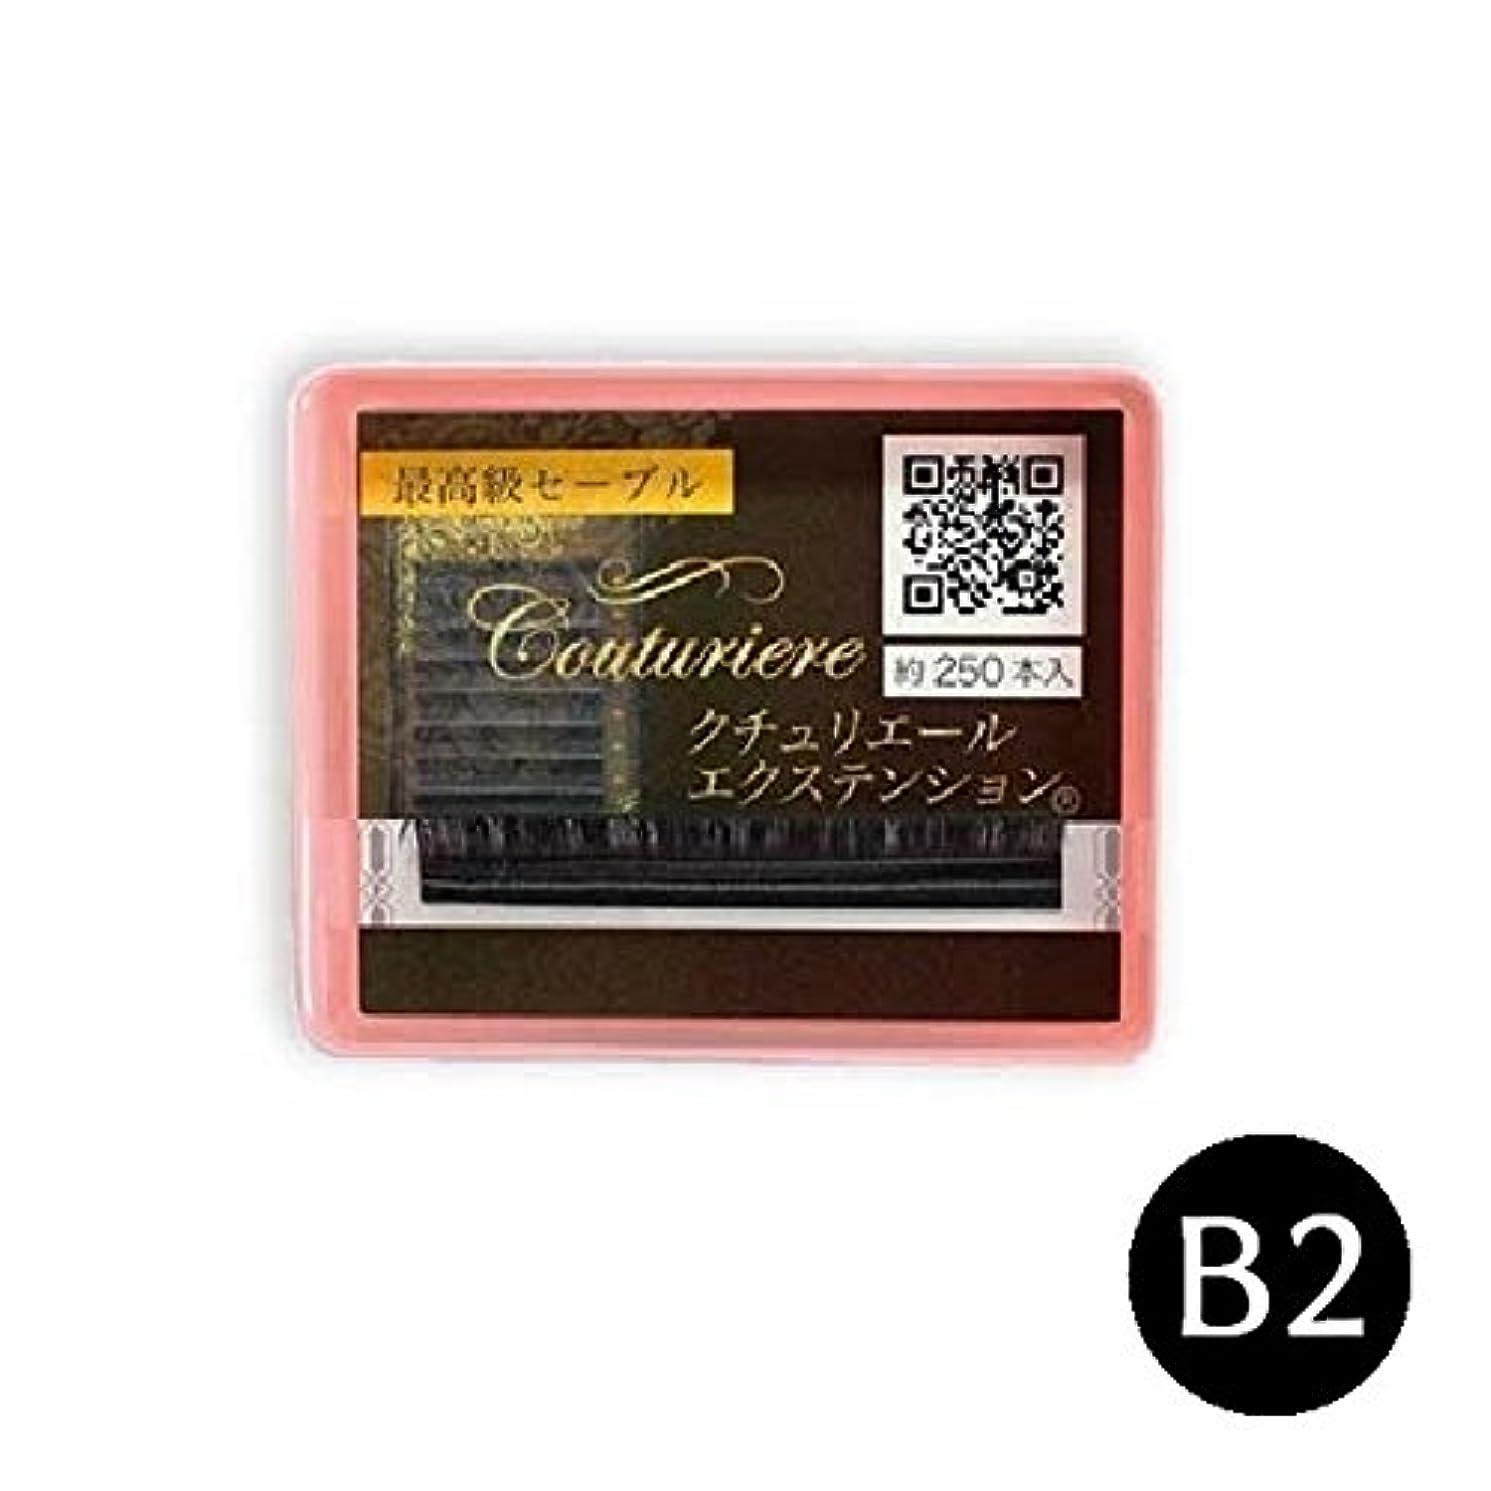 勢いセント経済的まつげエクステ マツエク クチュリエール B2カール (1列) (0.10mm 6mm)